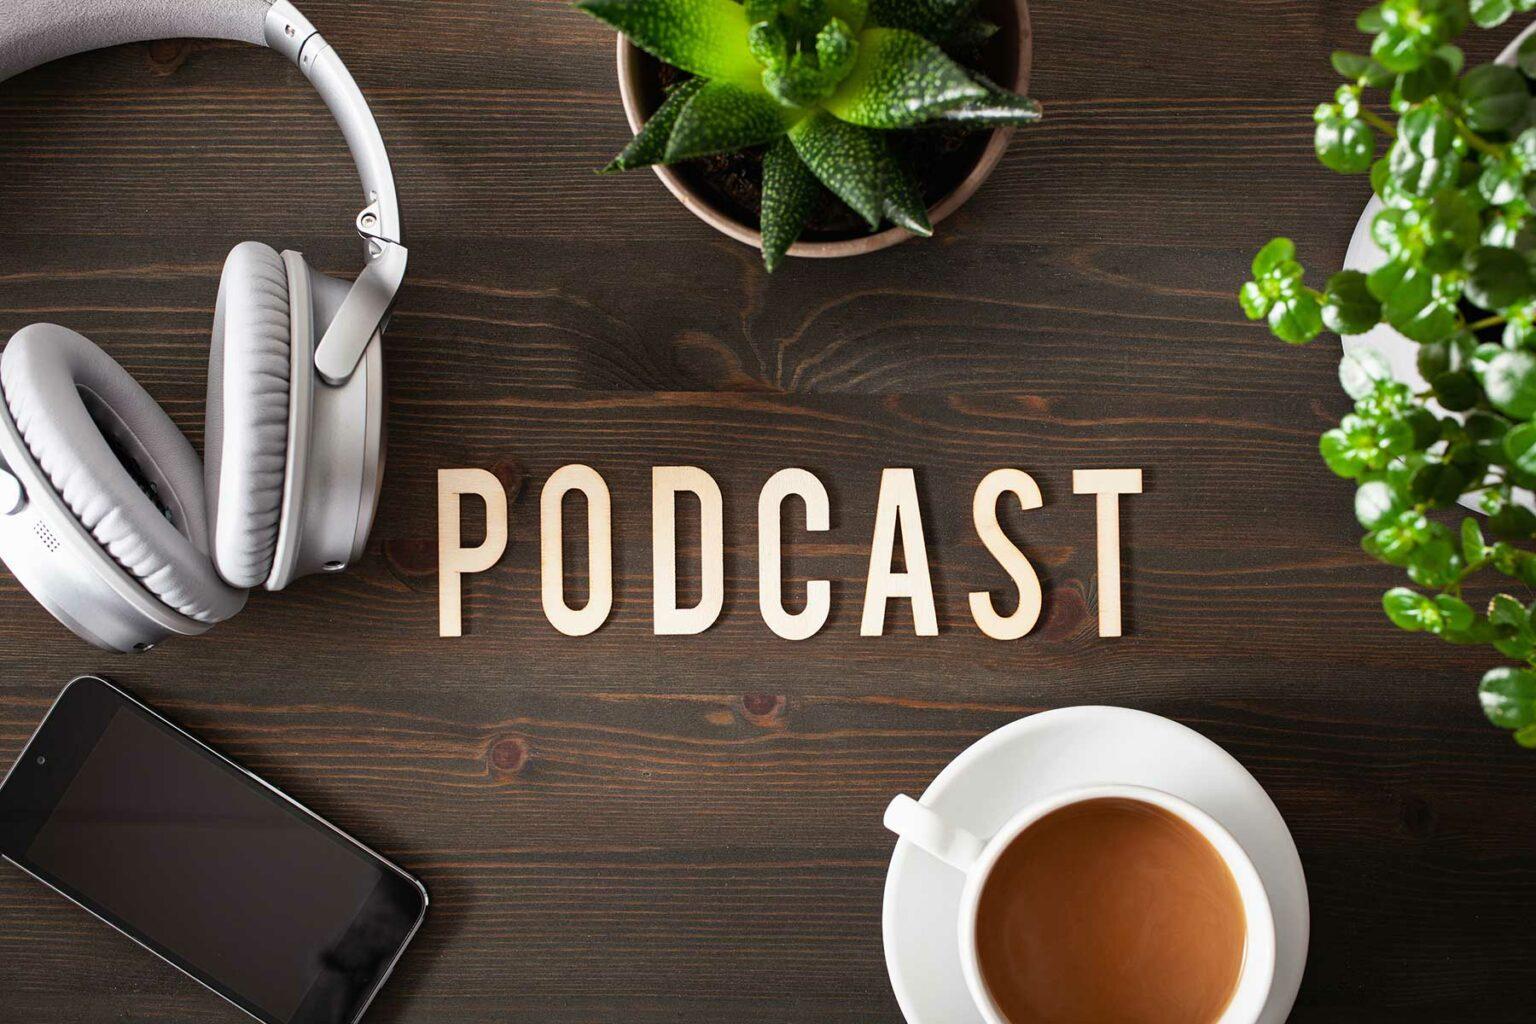 fotografie podcast empfehlungen